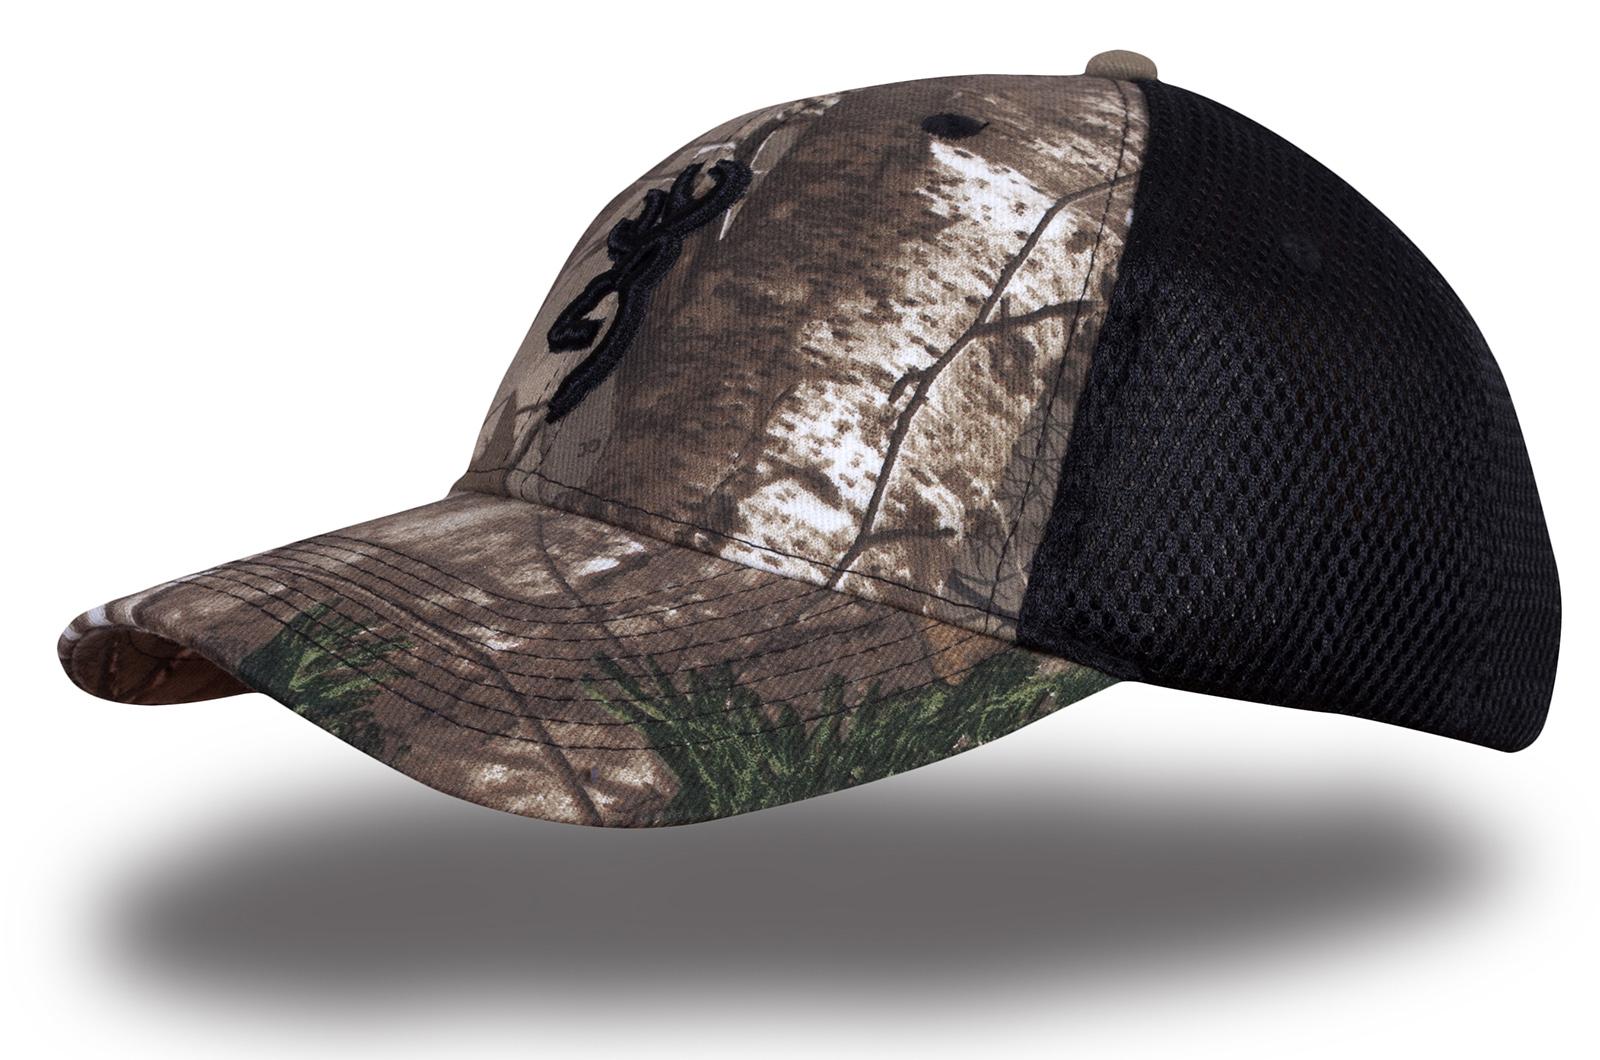 Охотничья кепка с сеткой - купить в интернет-магазине с доставкой